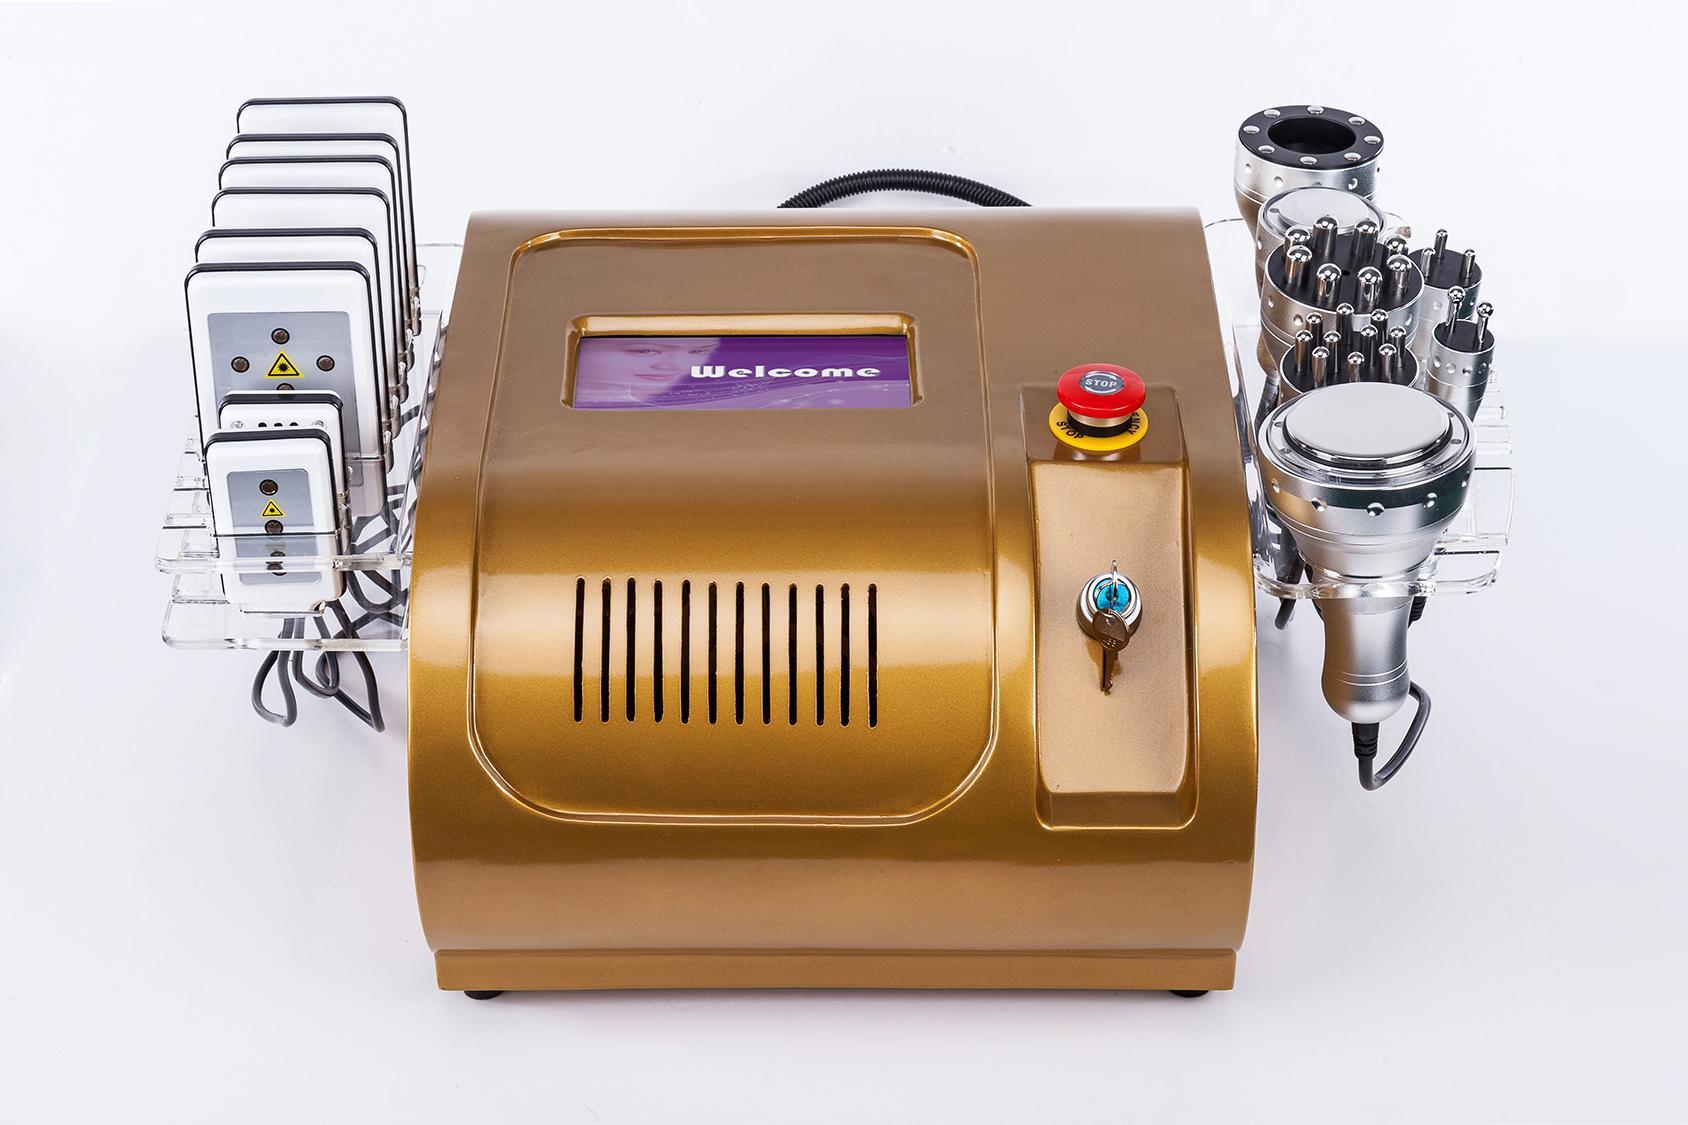 초음파 cavitation 진공 레이저 다극 RF 셀 룰 라이트 슬리밍 기계